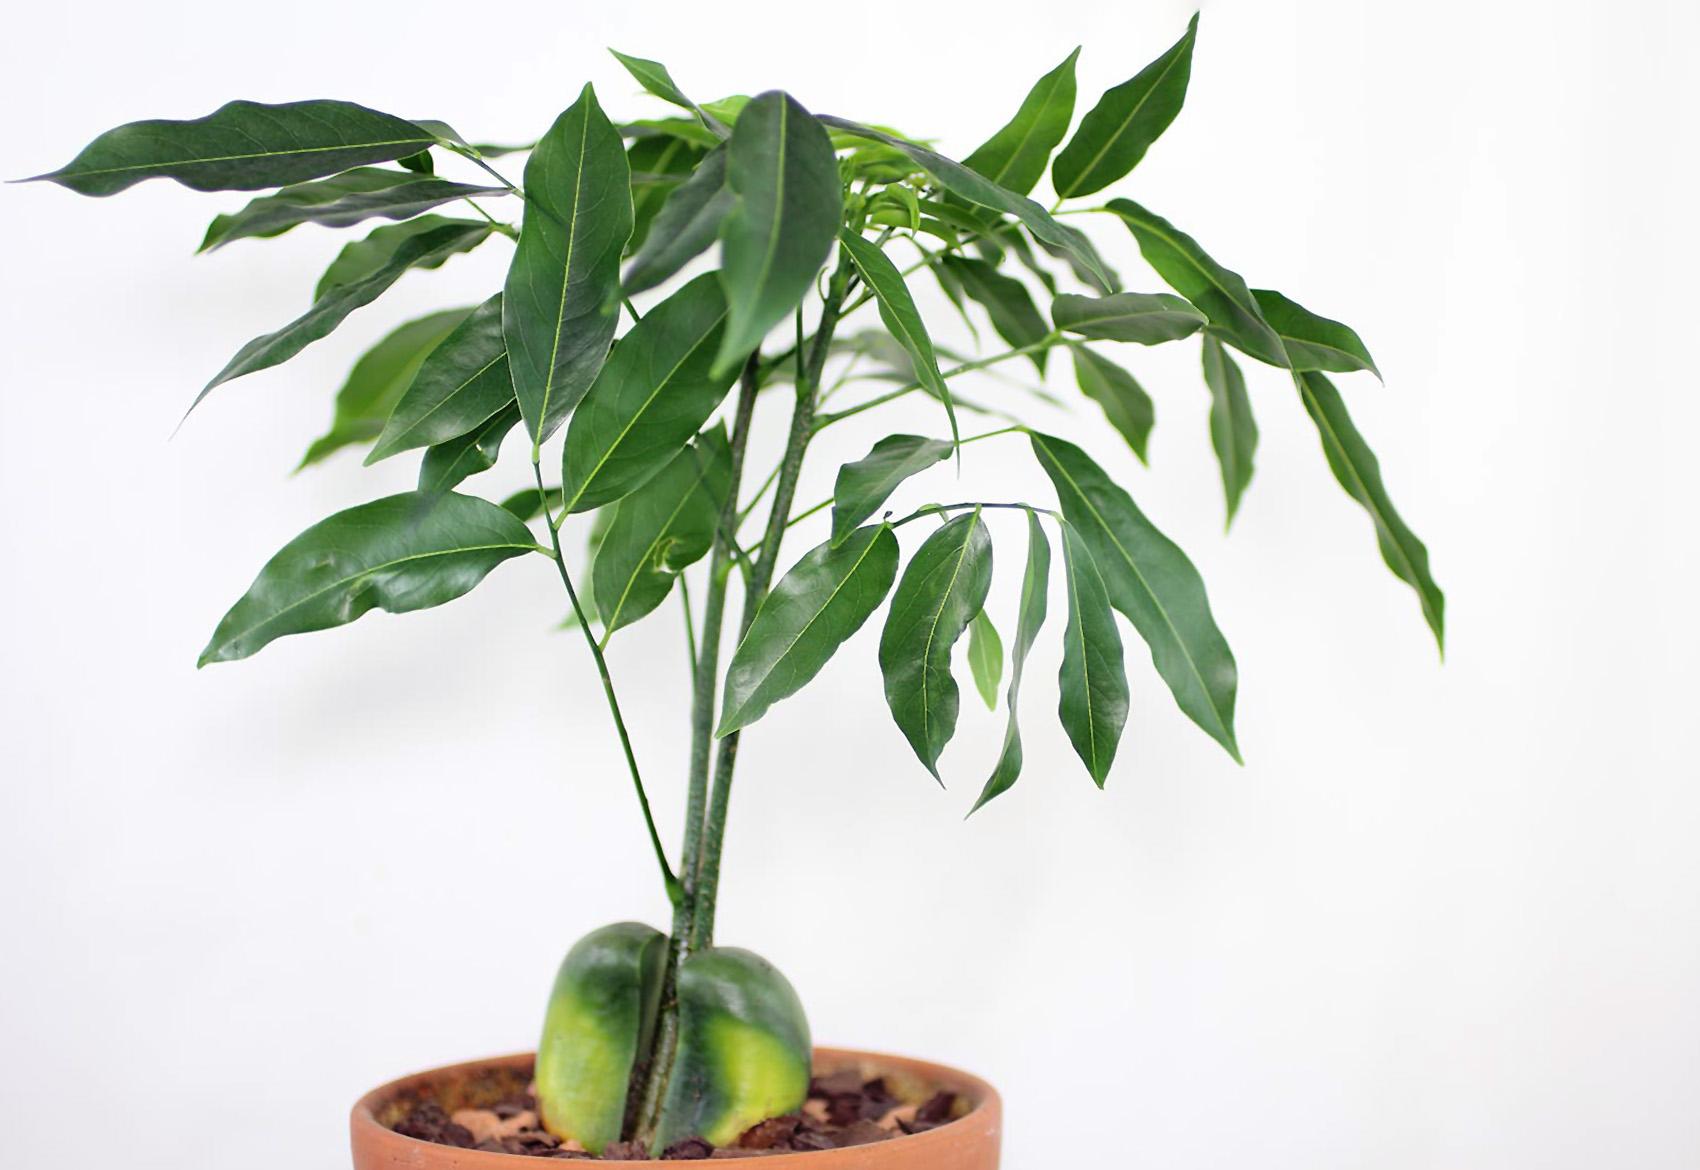 Pietinė Kaštonpupė (augalas)